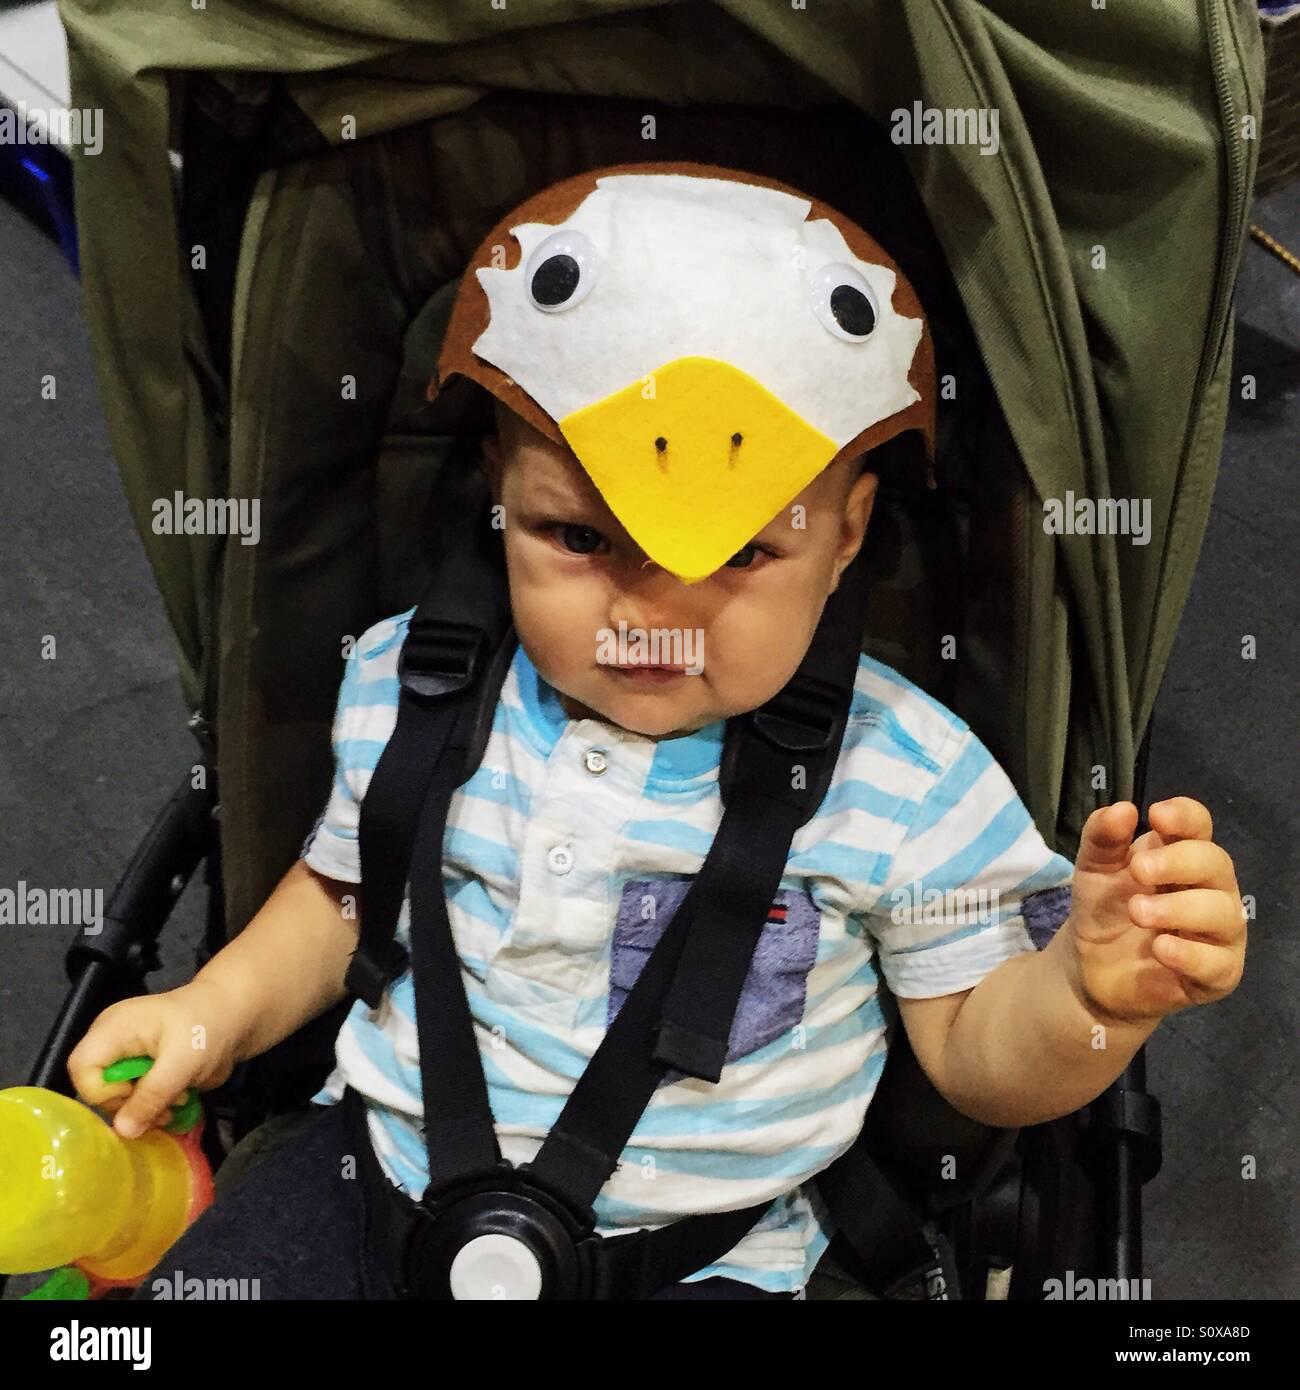 Kleiner Junge in Tracht Stockfoto